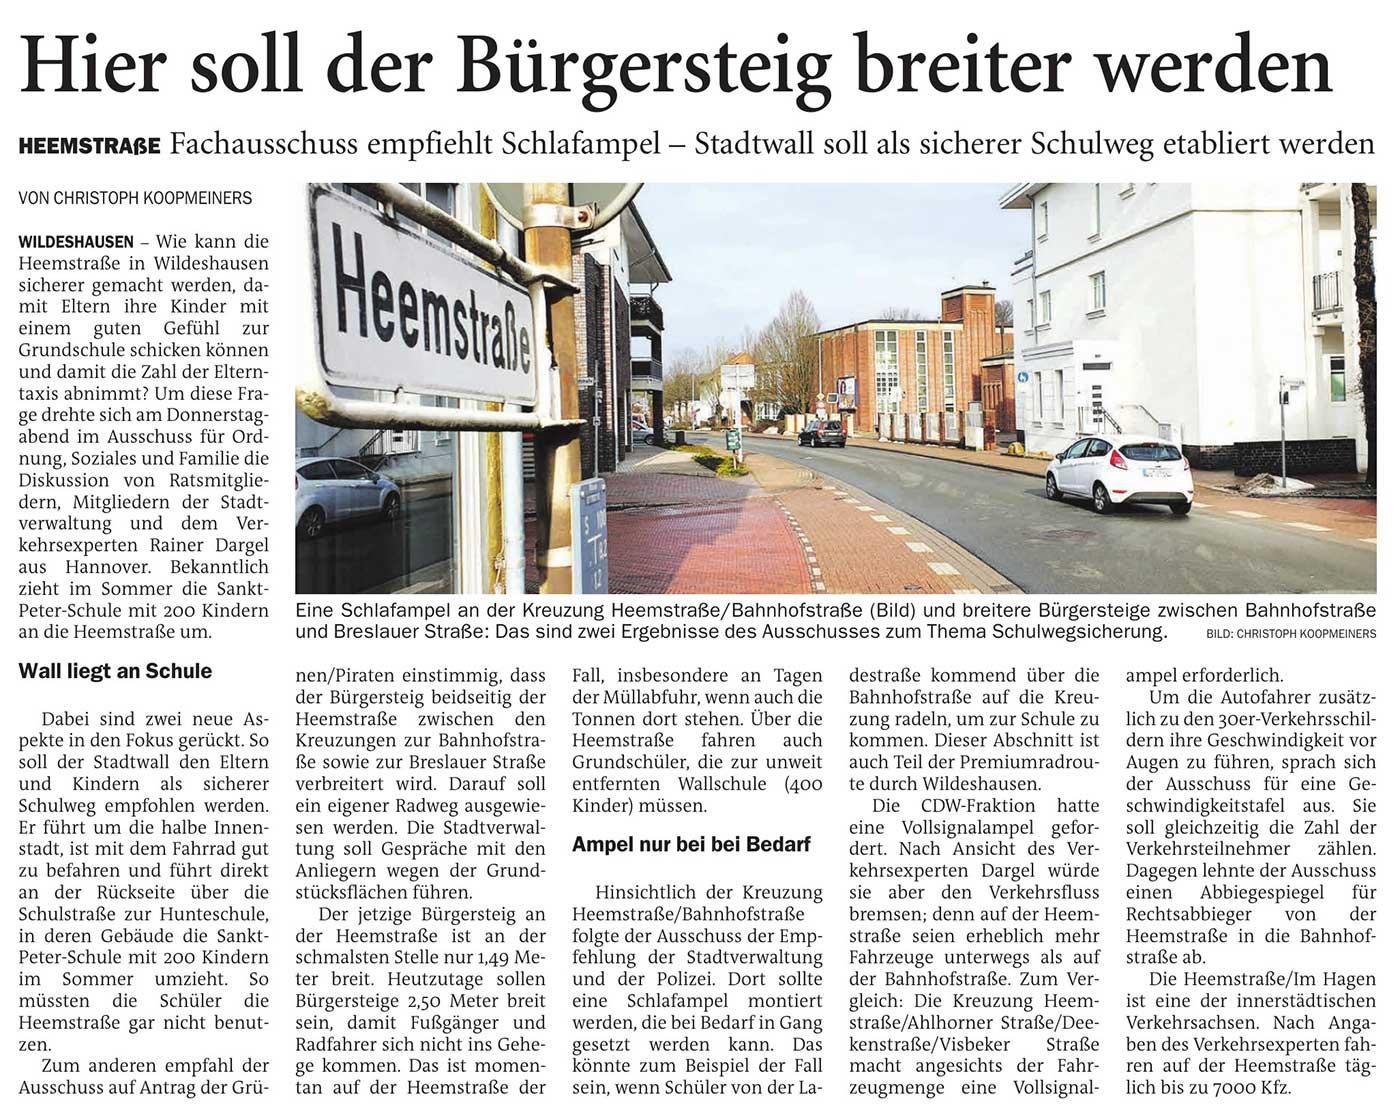 Hier soll der Bürgersteig breiter werdenHeemstraße: Fachausschuss empfiehlt Schlafampel - Stadtwall soll als sicherer Schulweg etabliert werdenArtikel vom 20.02.2021 (NWZ)